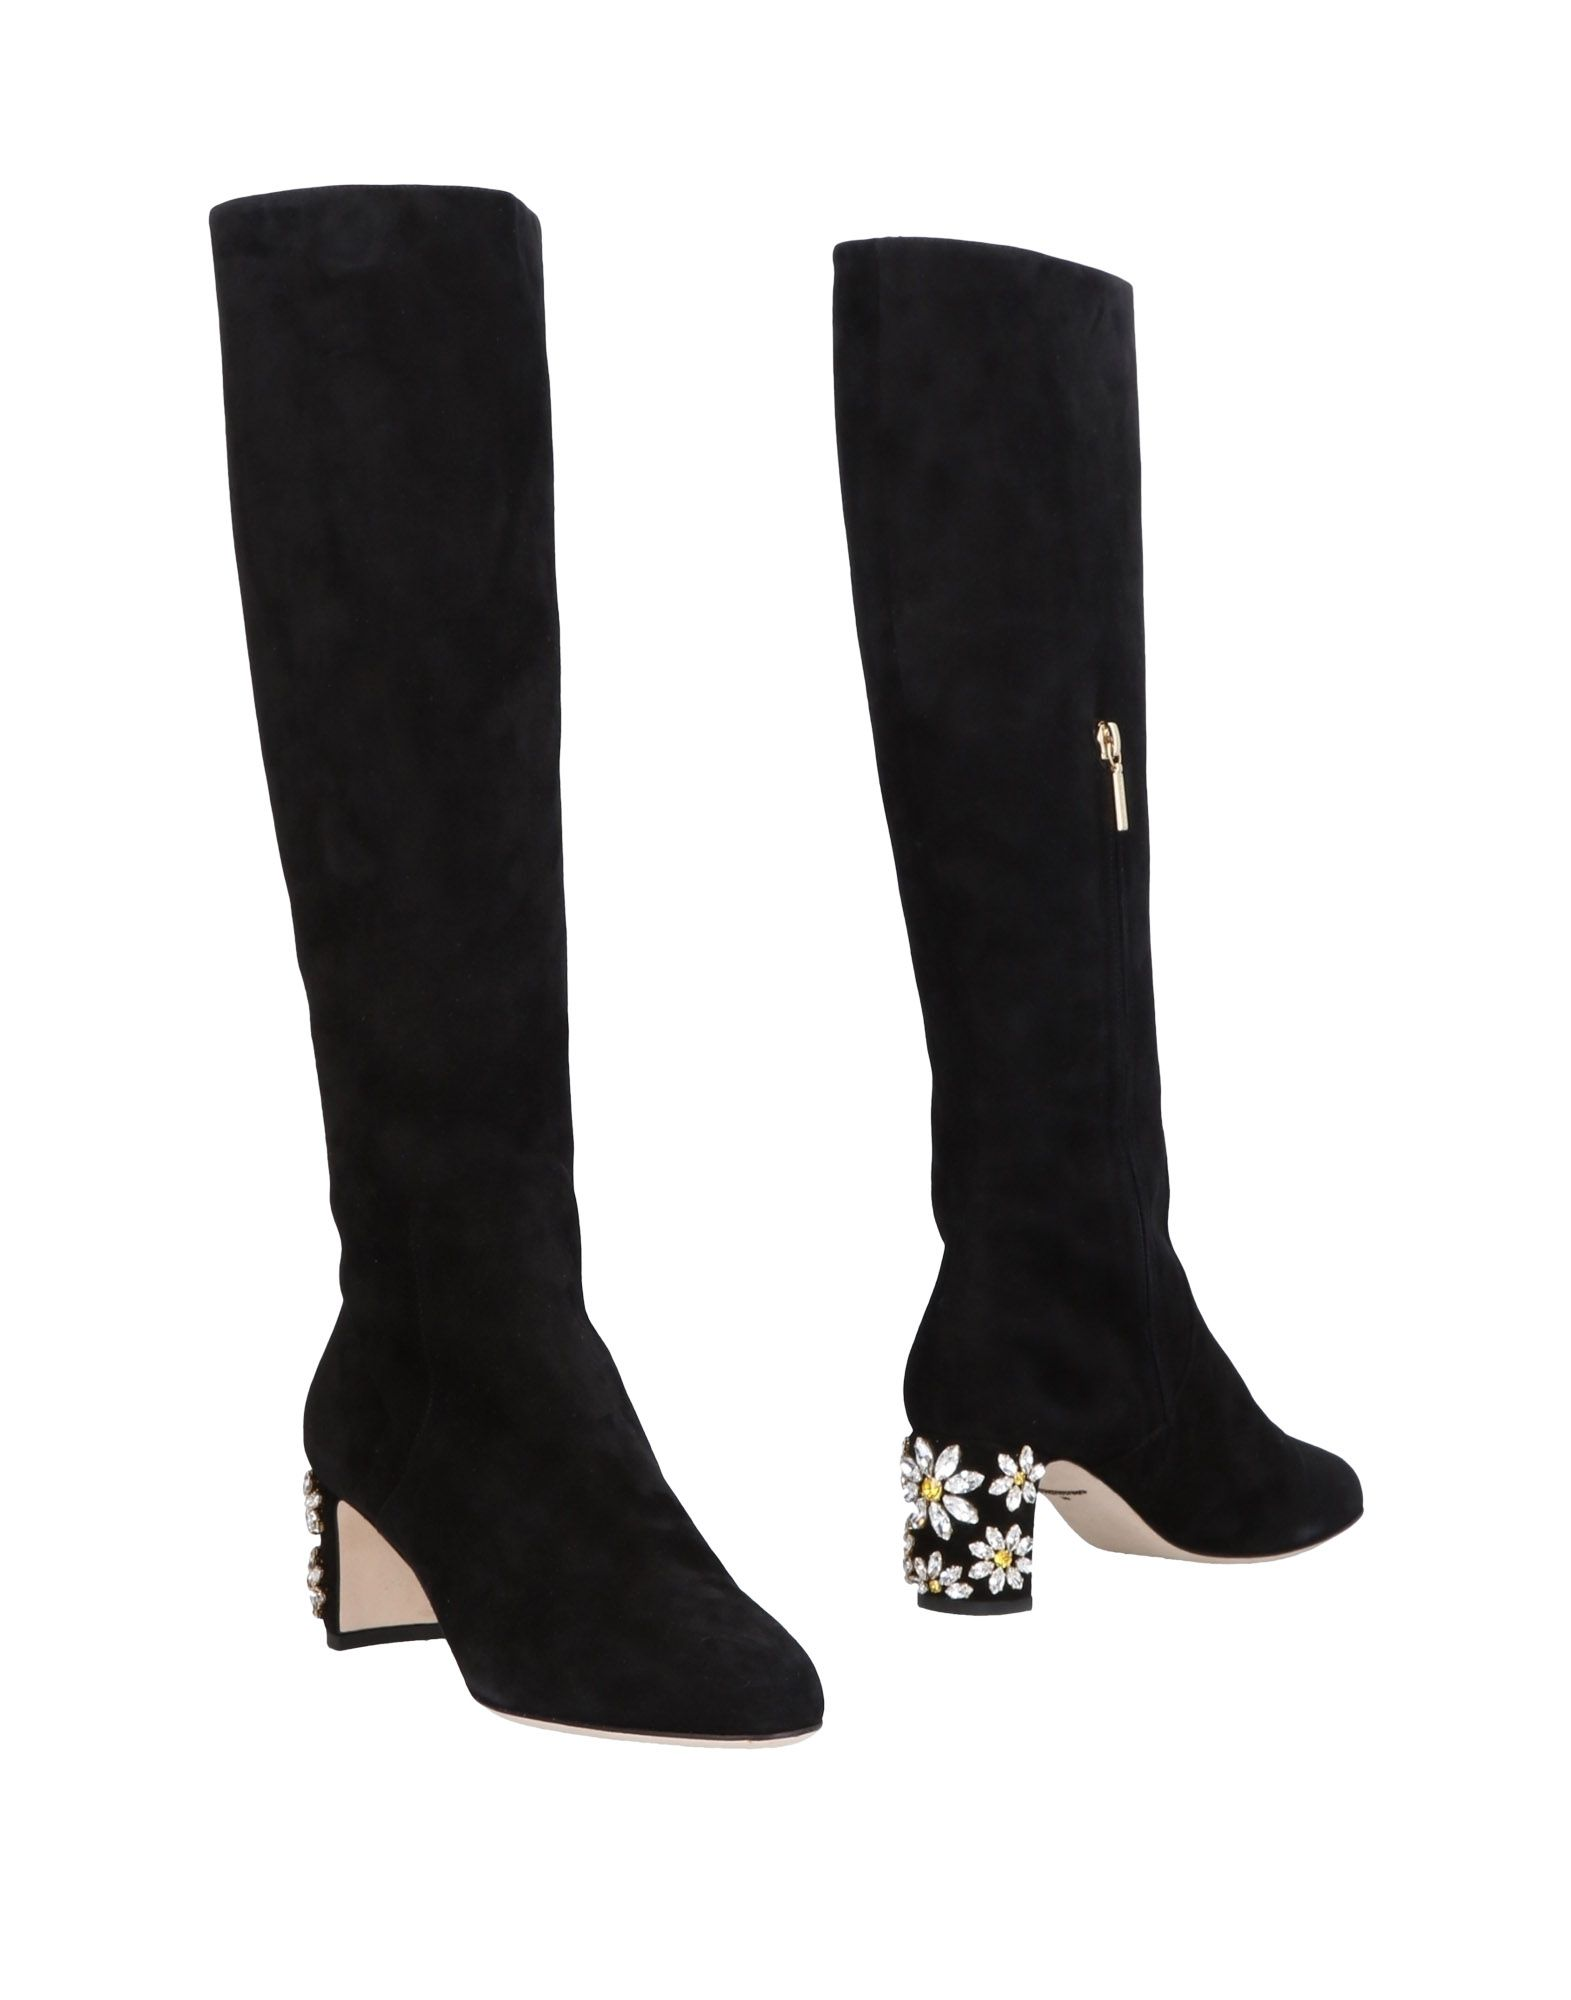 Dolce & Gabbana Stiefel Damen Schuhe  11459706MSGünstige gut aussehende Schuhe Damen cccafe